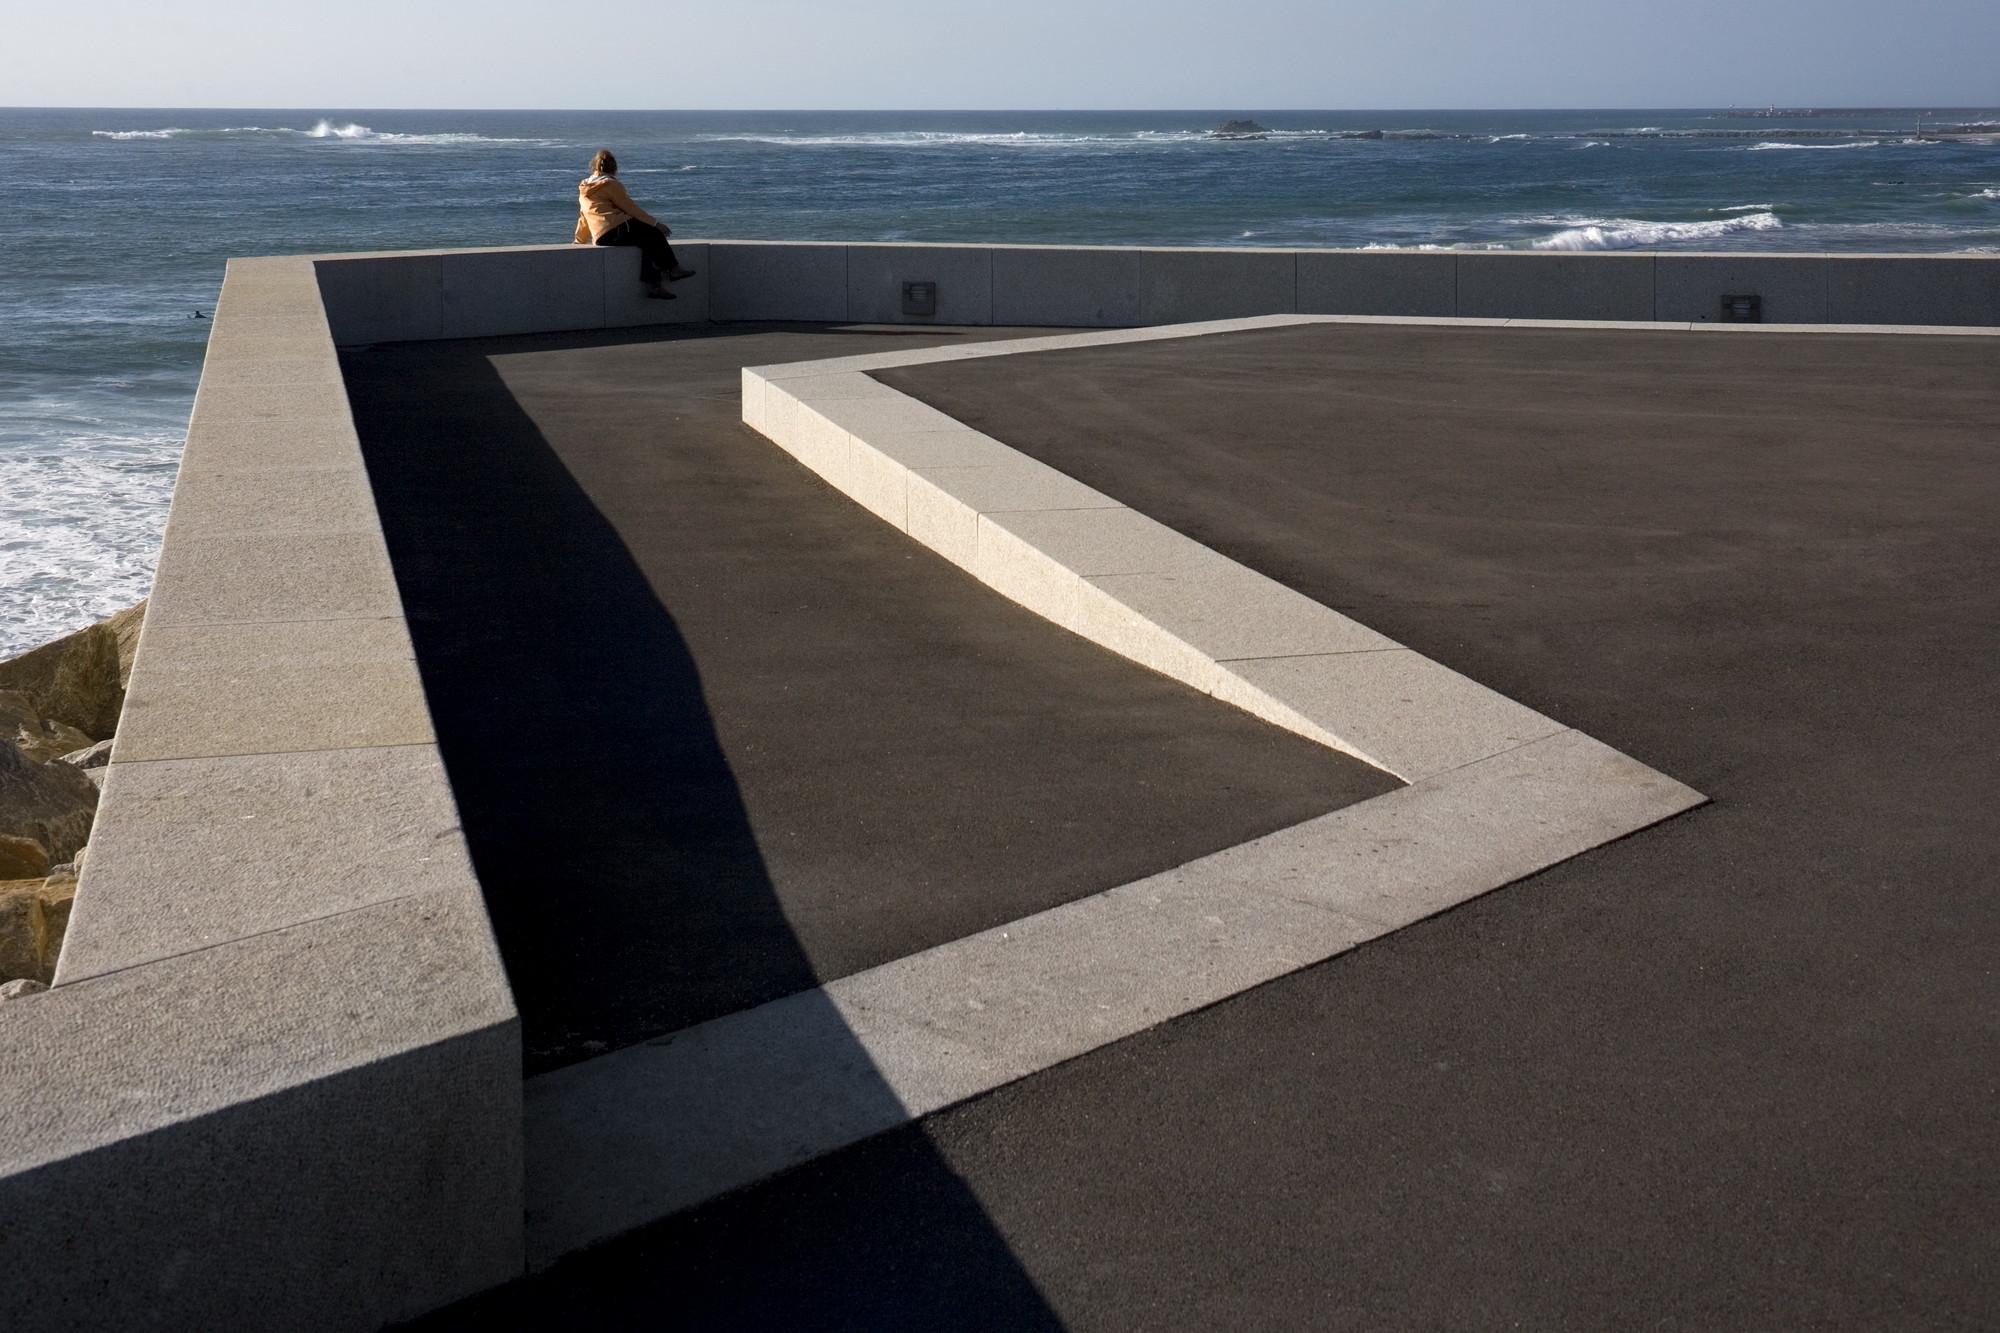 Parque Atlântico - 2005. Image © Fernando Guerra | FG+SG